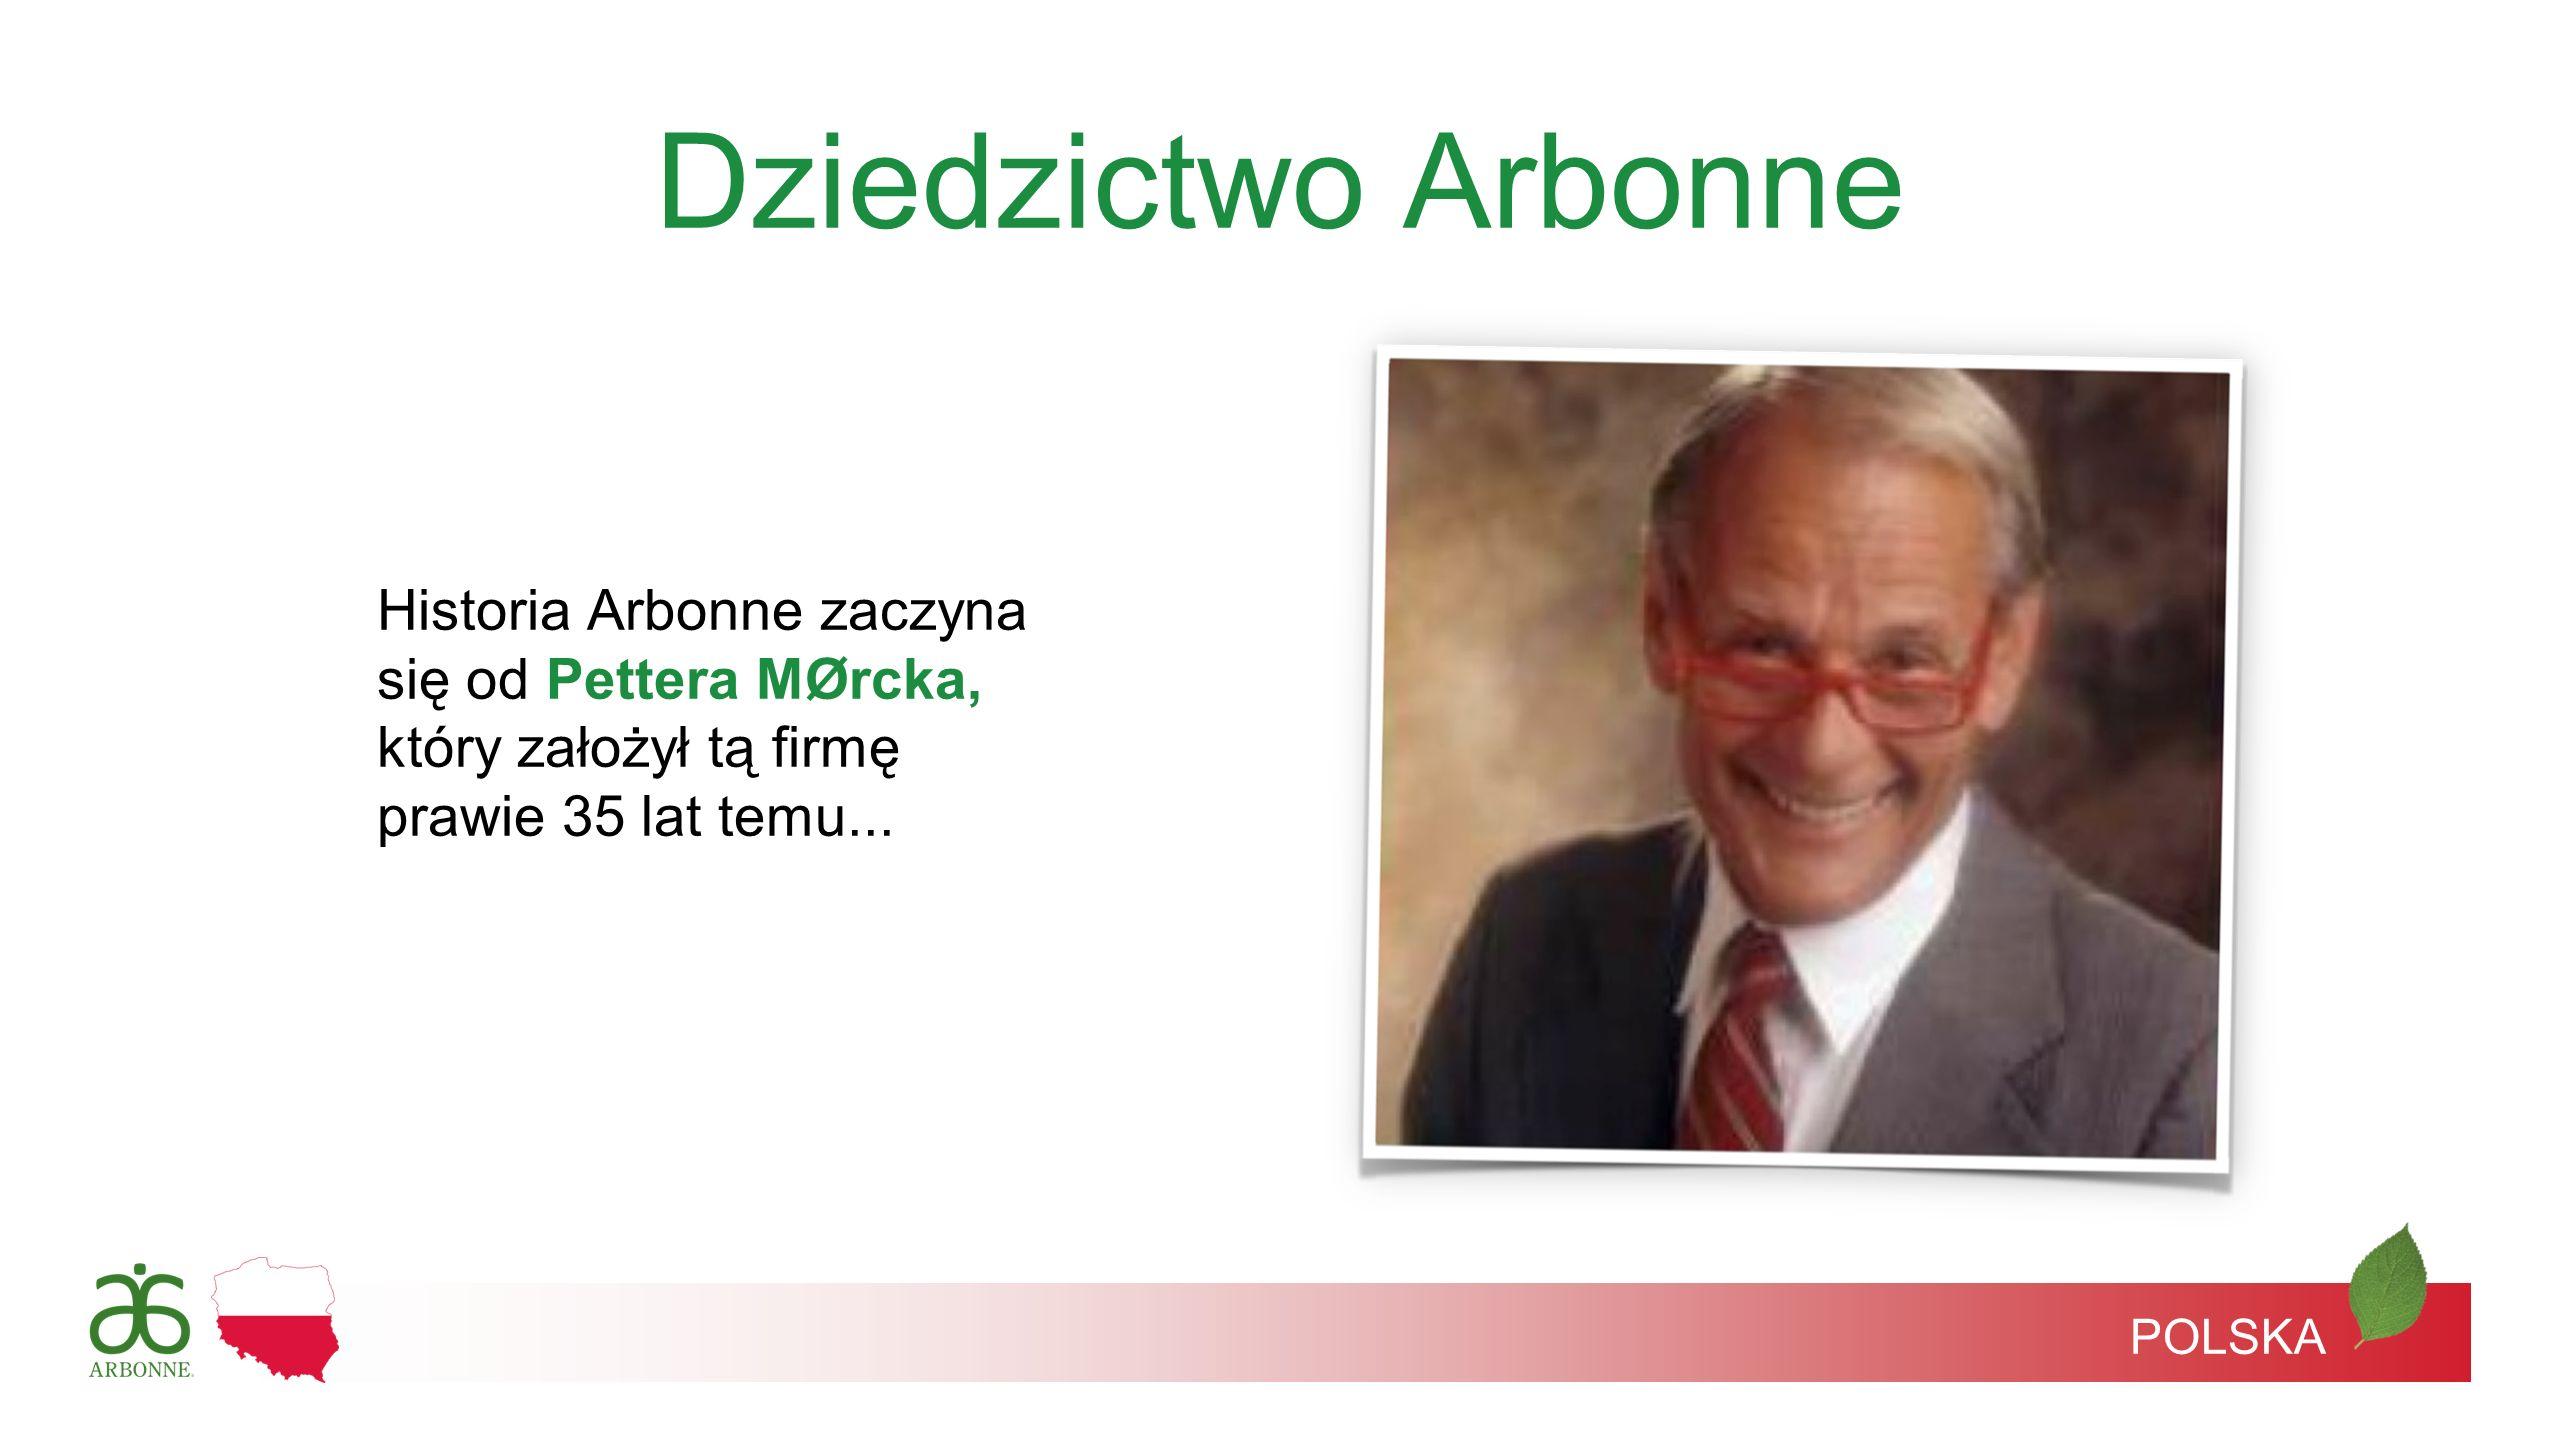 """Dziedzictwo Arbonne Pure Safe Beneficial Jego oddanie pięknu i doskonałości, które można odnaleźć tylko w naturze, zainspirowało go do stworzenia produktów na bazie roślinnej opartych na idei """"pure safe beneficial , co w jezyku polskim oznacza czyste, bezpieczne, korzystne POLSKA"""